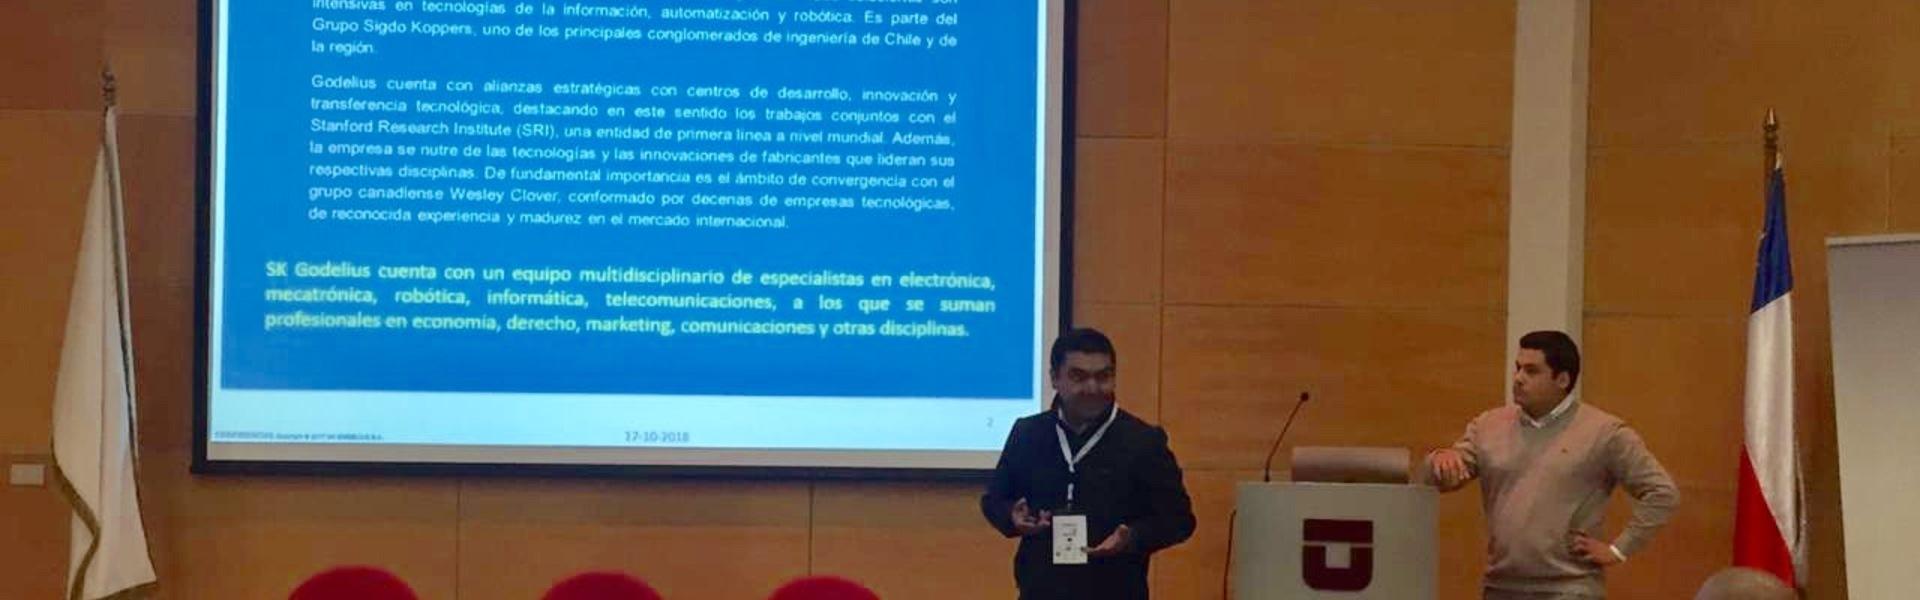 SK Godelius participó en el congreso minero CIDEMICH, de la Universidad de Talca